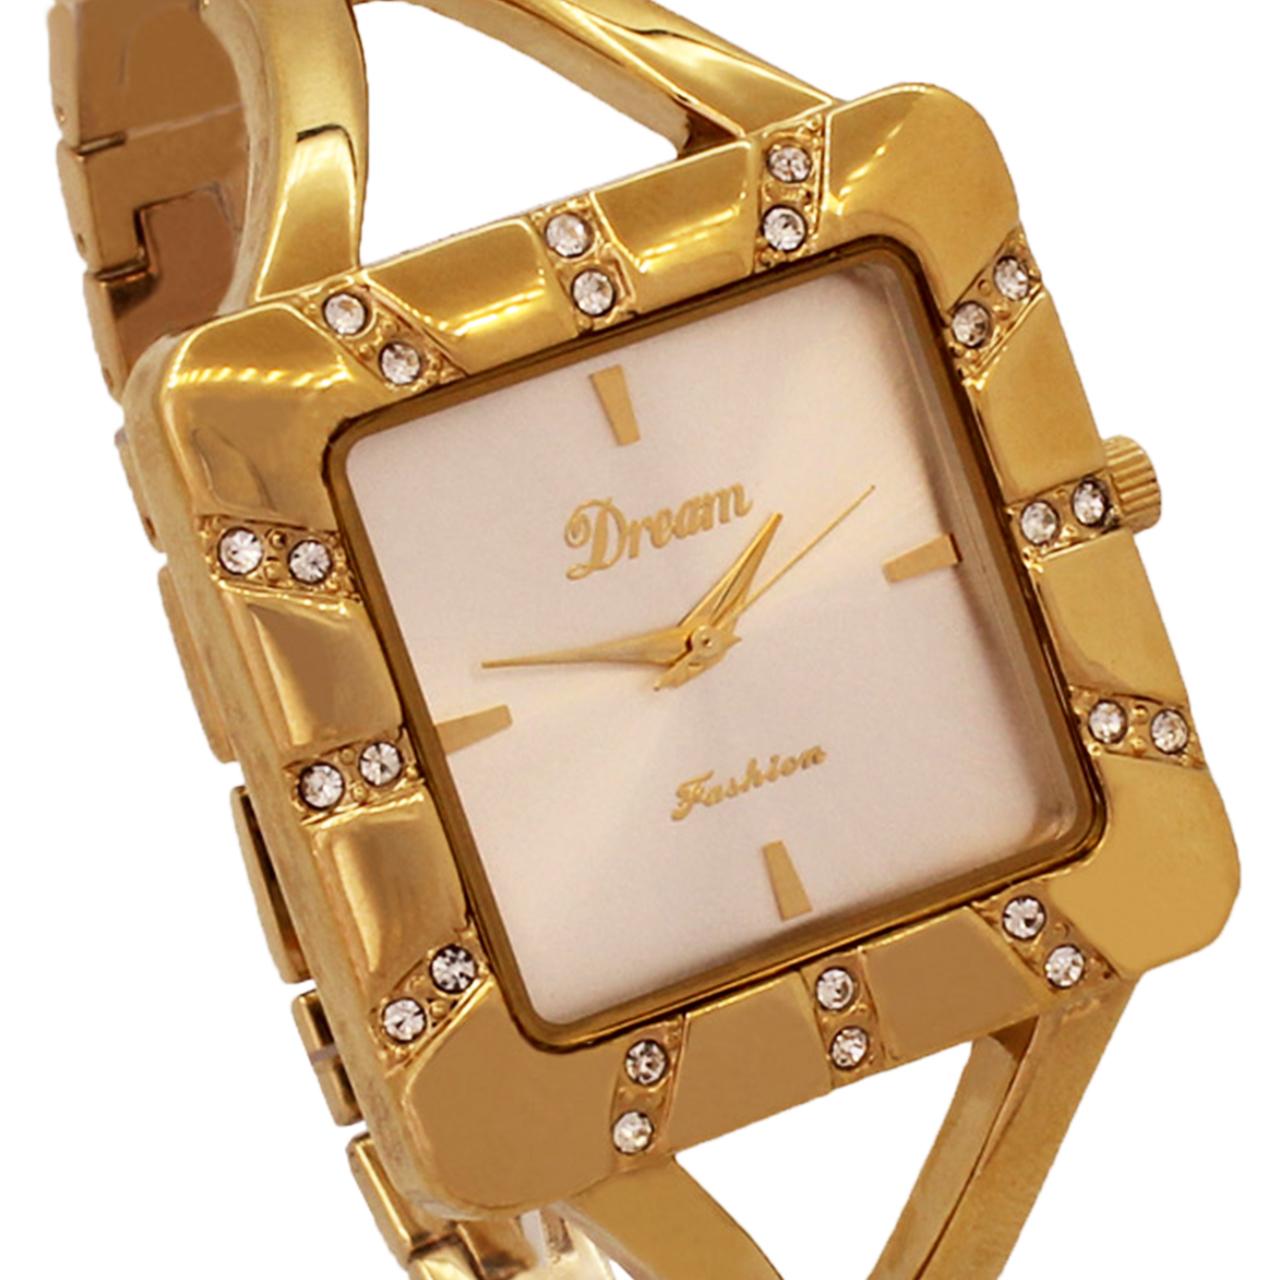 خرید و قیمت                      ساعت مچی  زنانه دریم مدل DR-0001